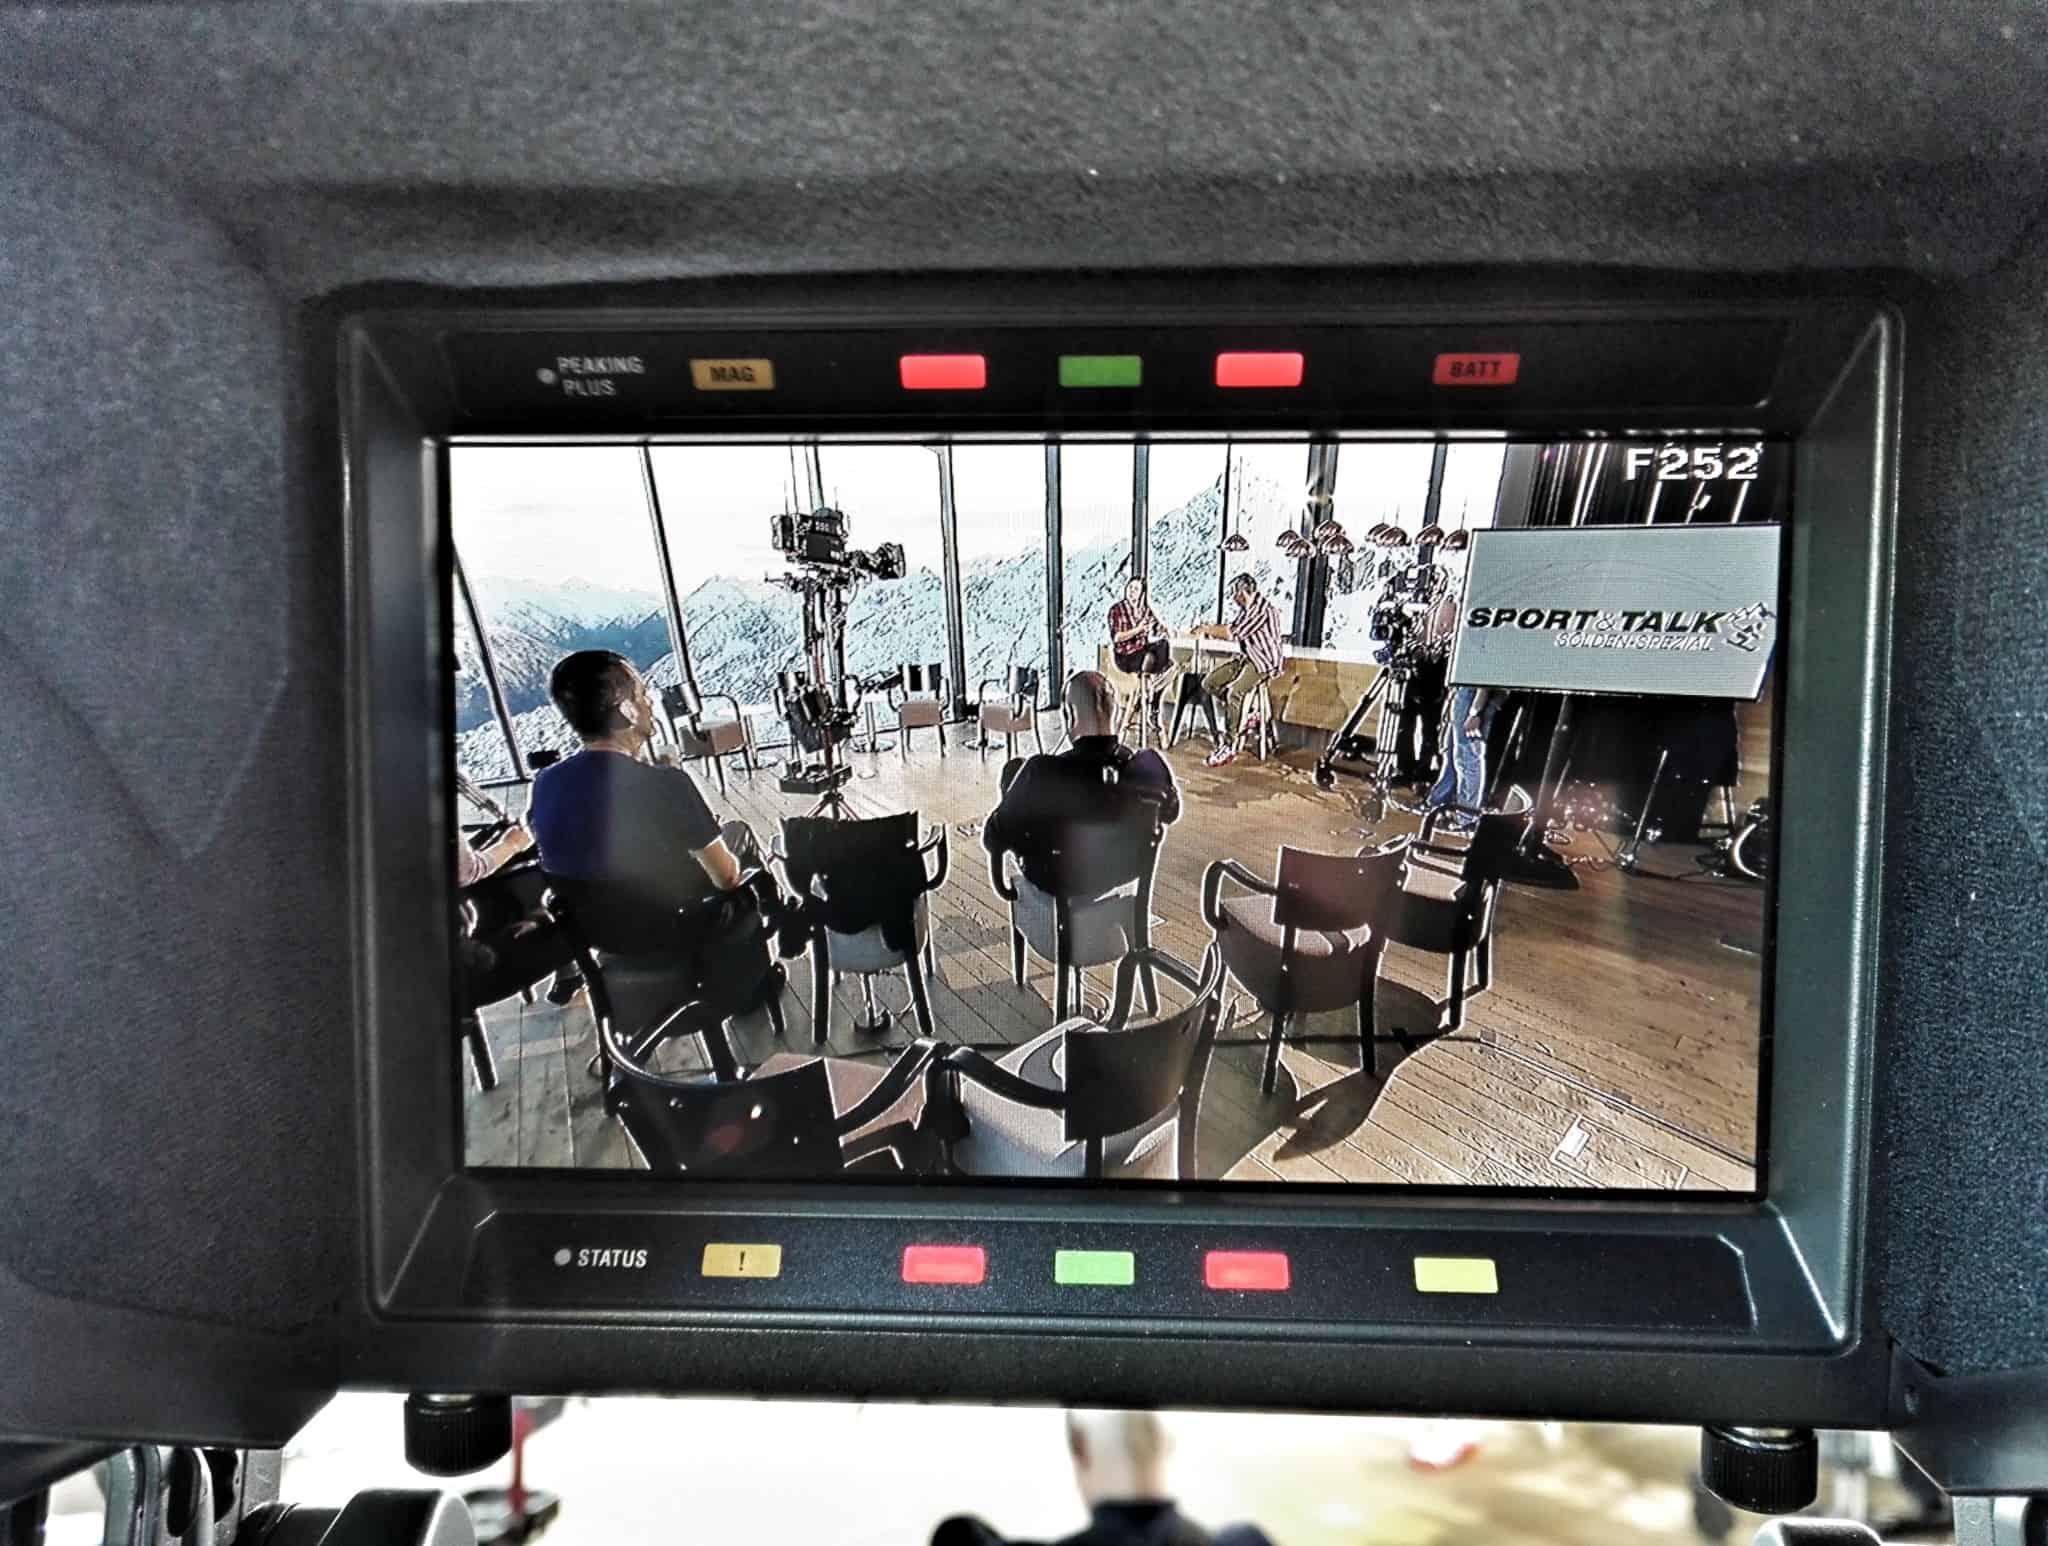 ServusTv Sport und Talk aus dem hangar7 soelden spezial 12 - ServusTV - Sport und Talk aus dem Hangar 7 - Sölden Spezial